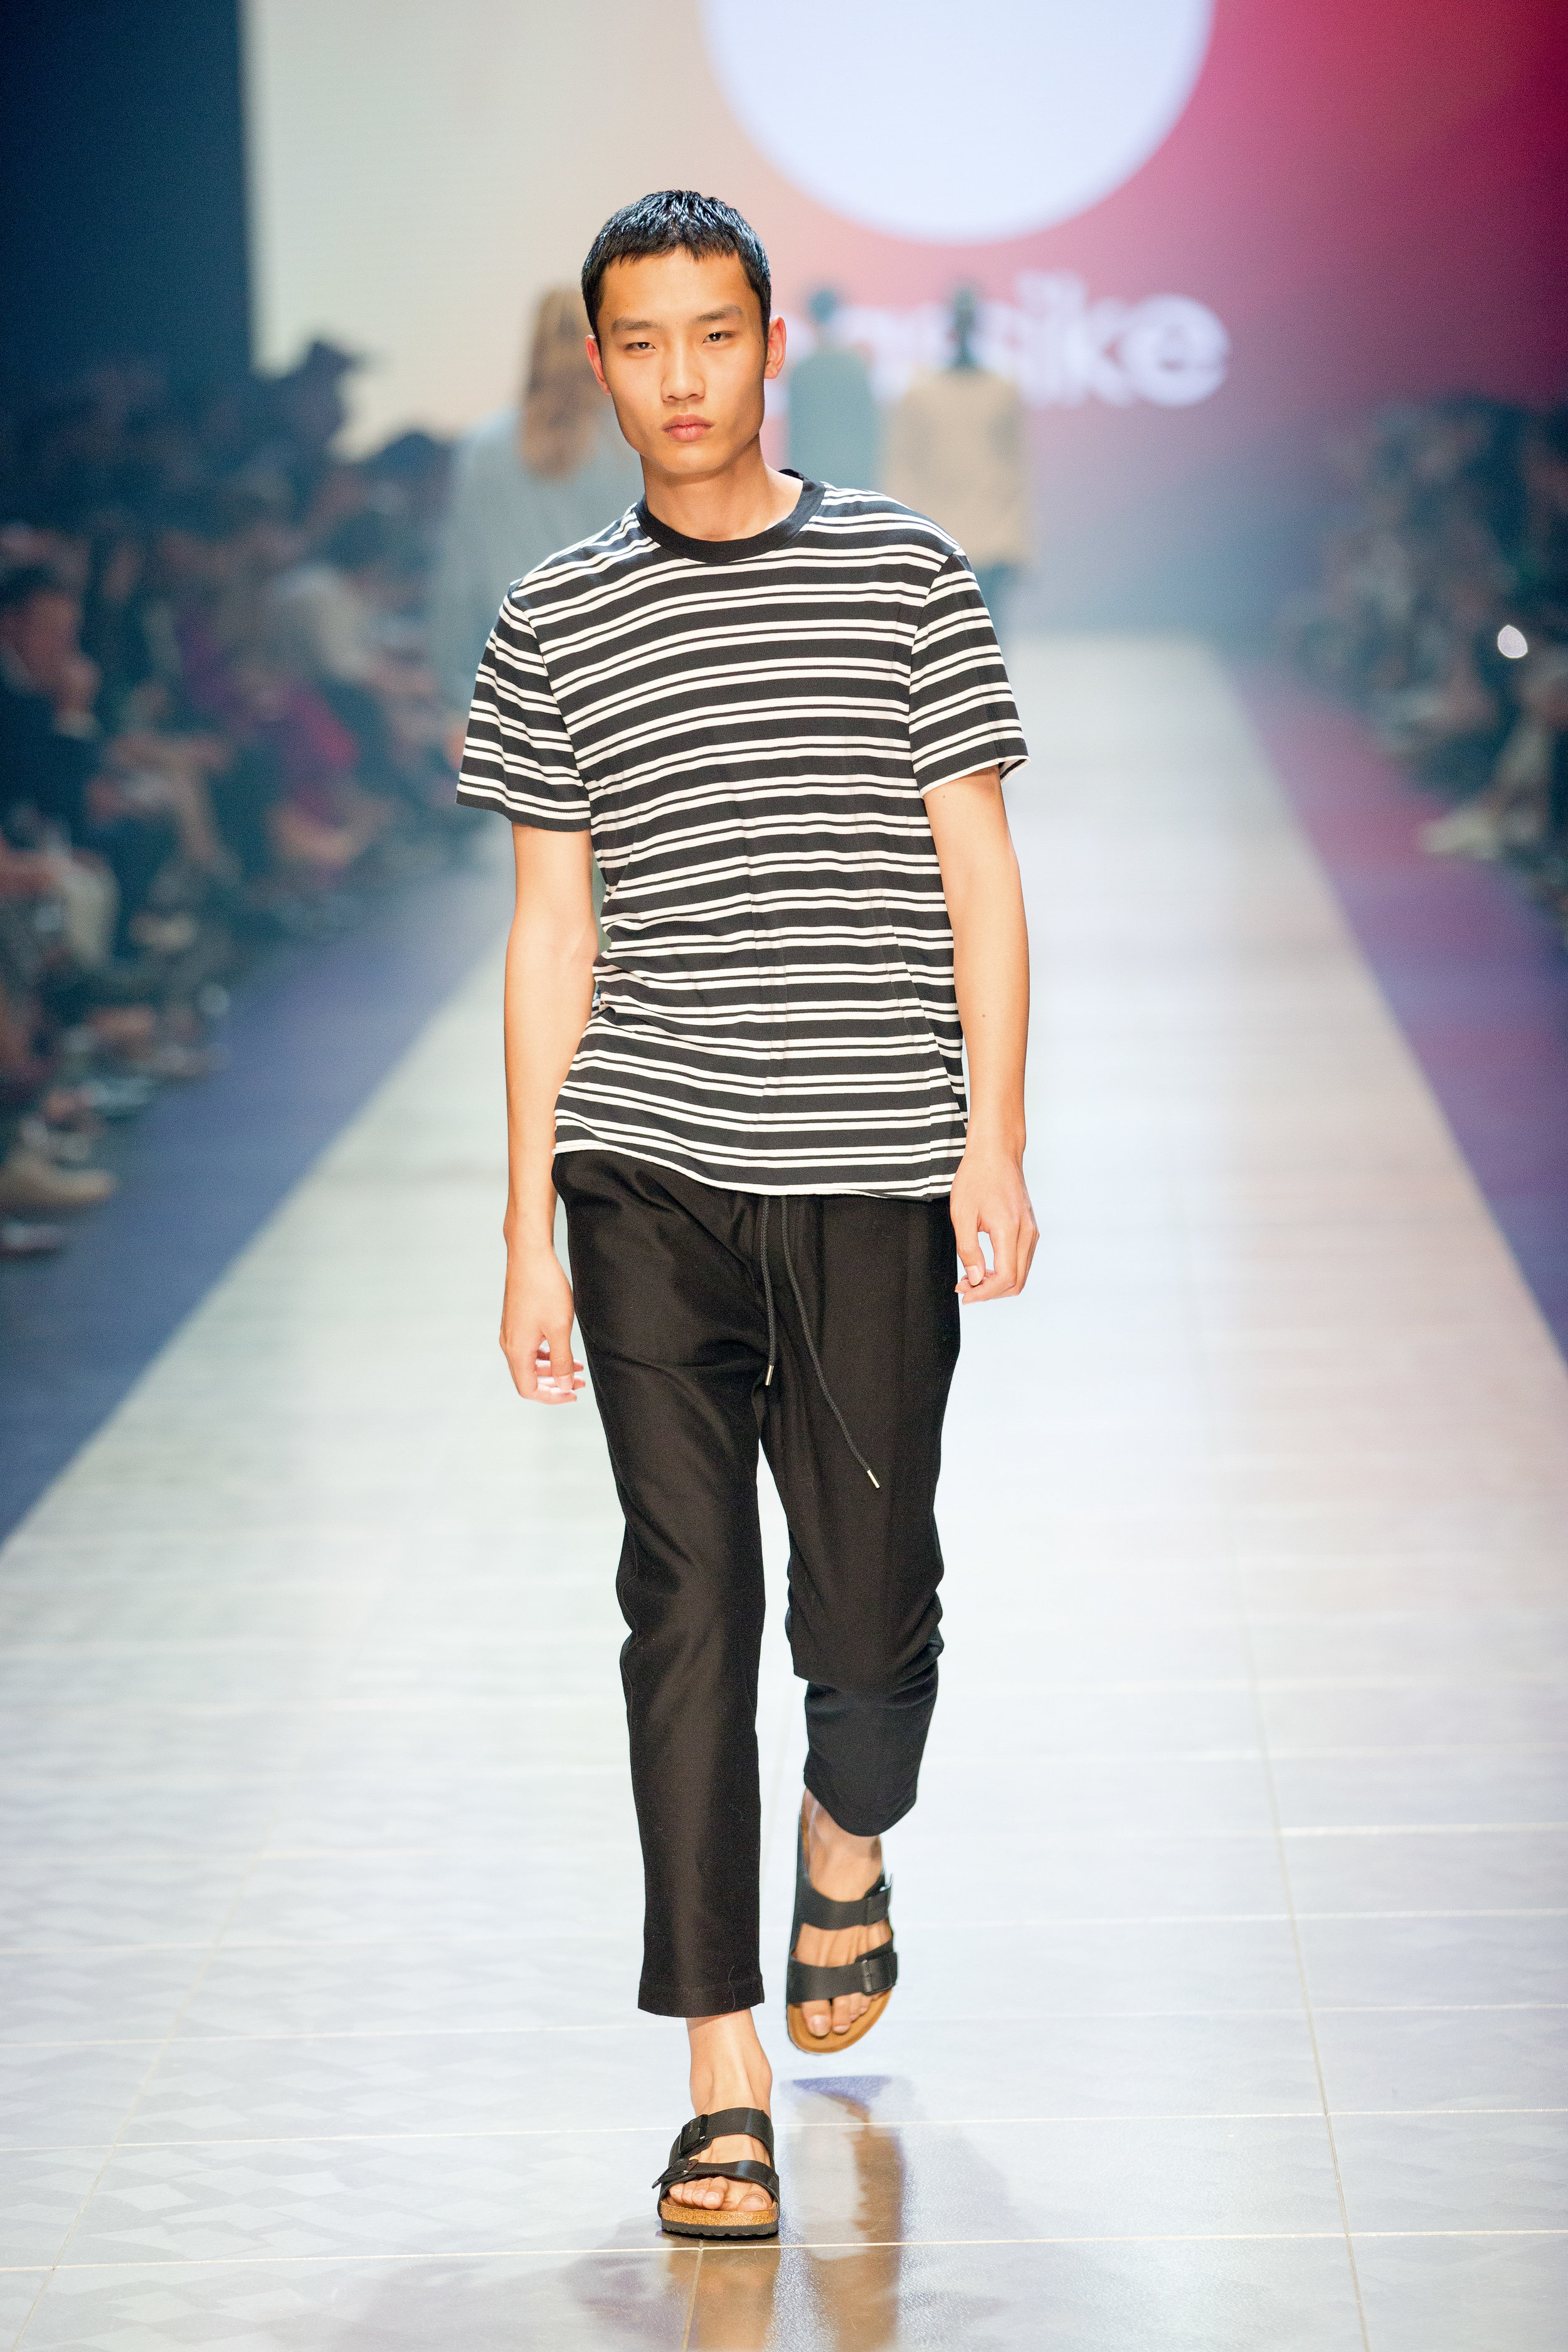 VAMFF2019_GQ Menswear-244.jpg